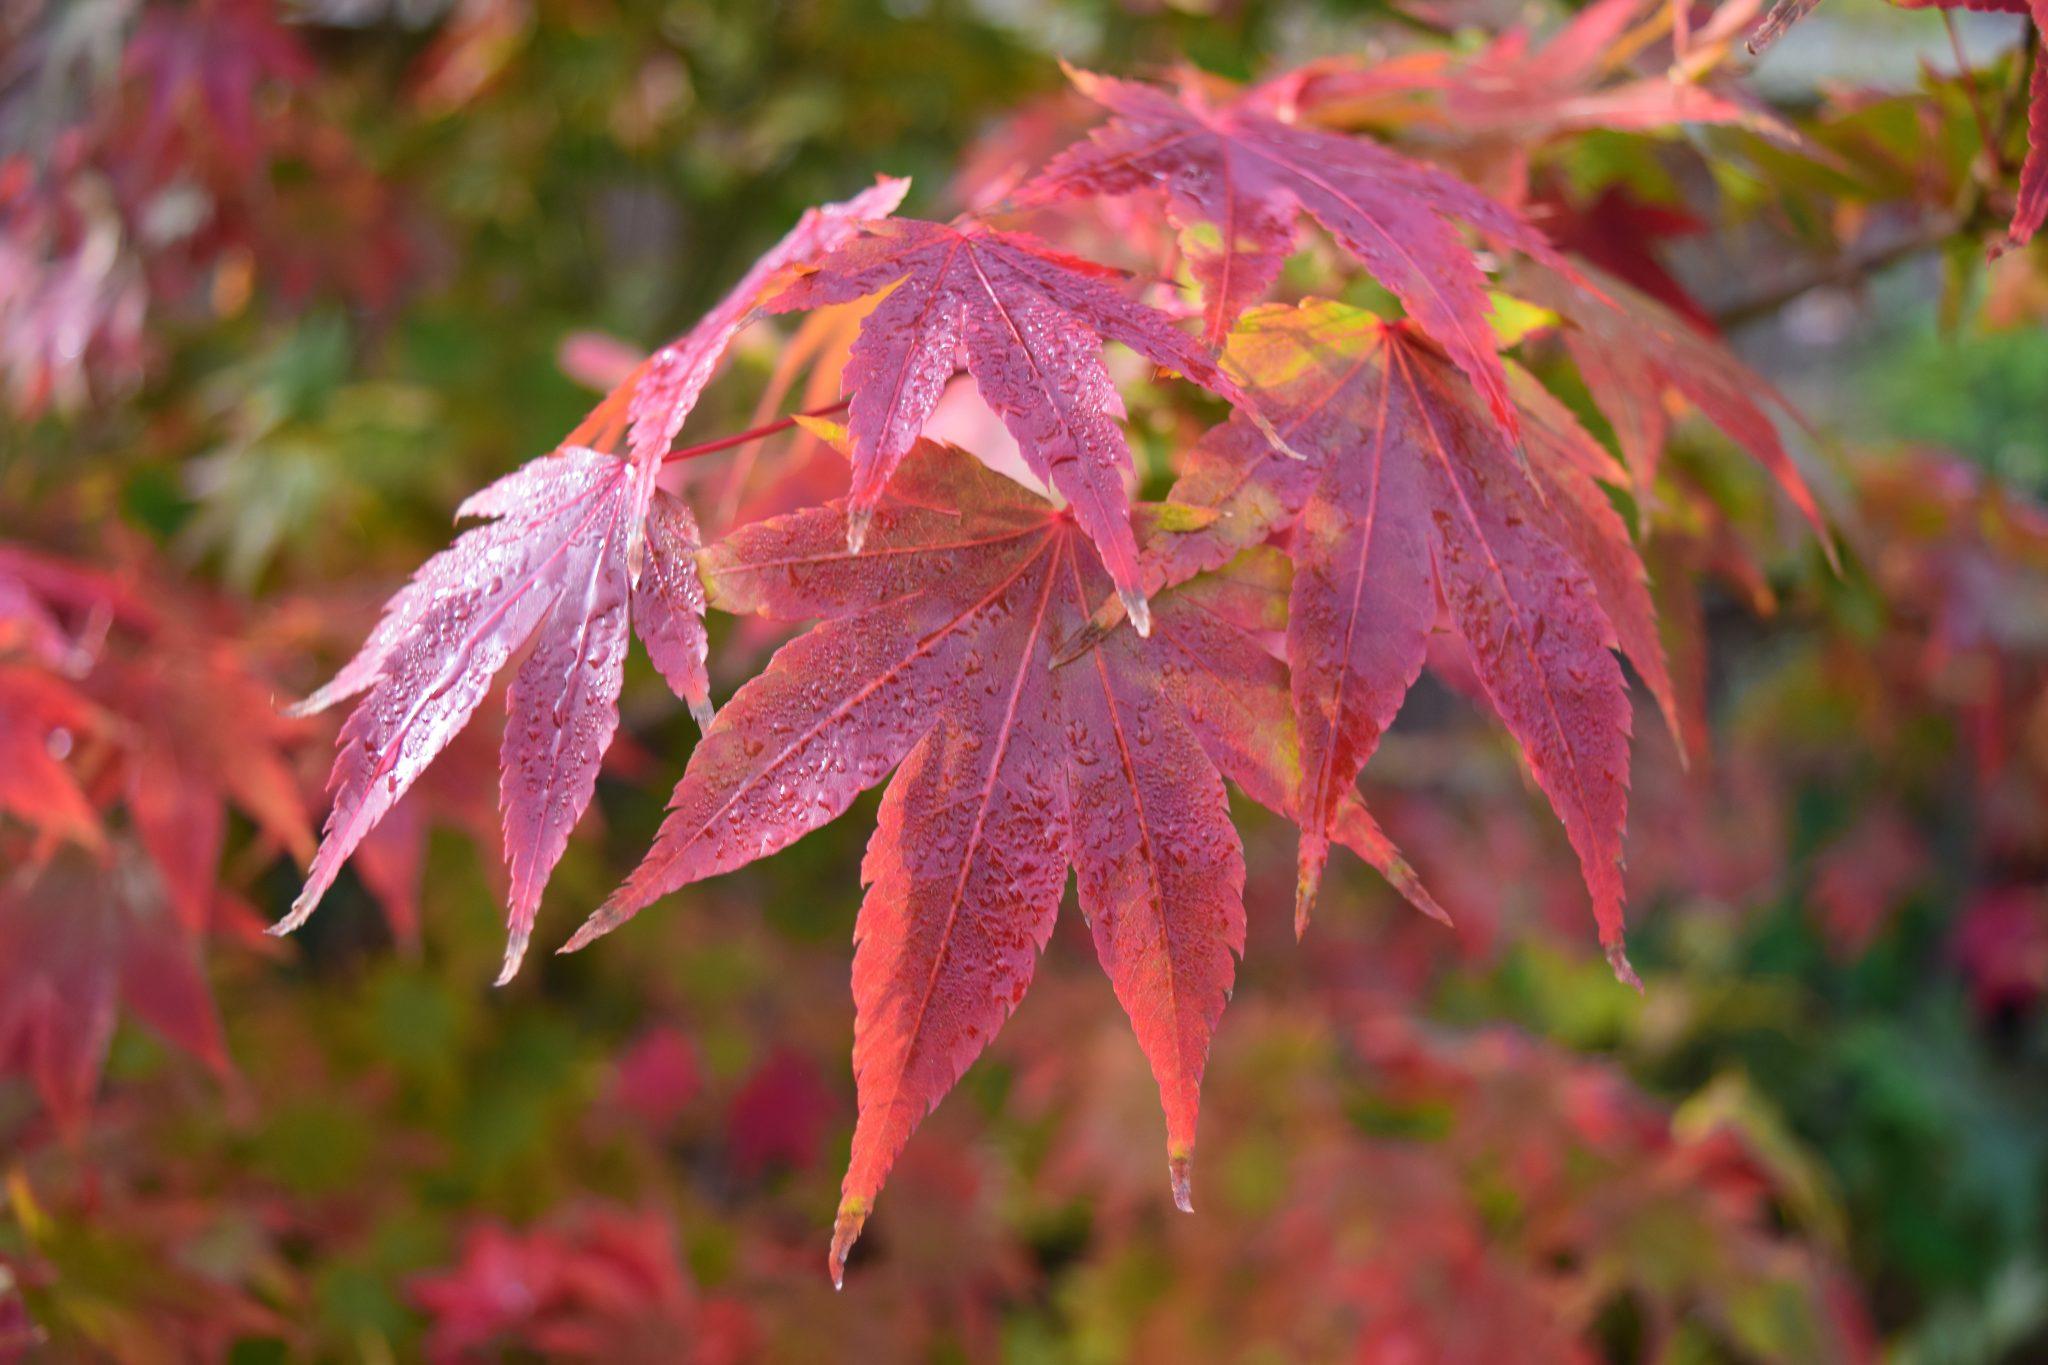 El arce japonés se vuelve rojo en otoño